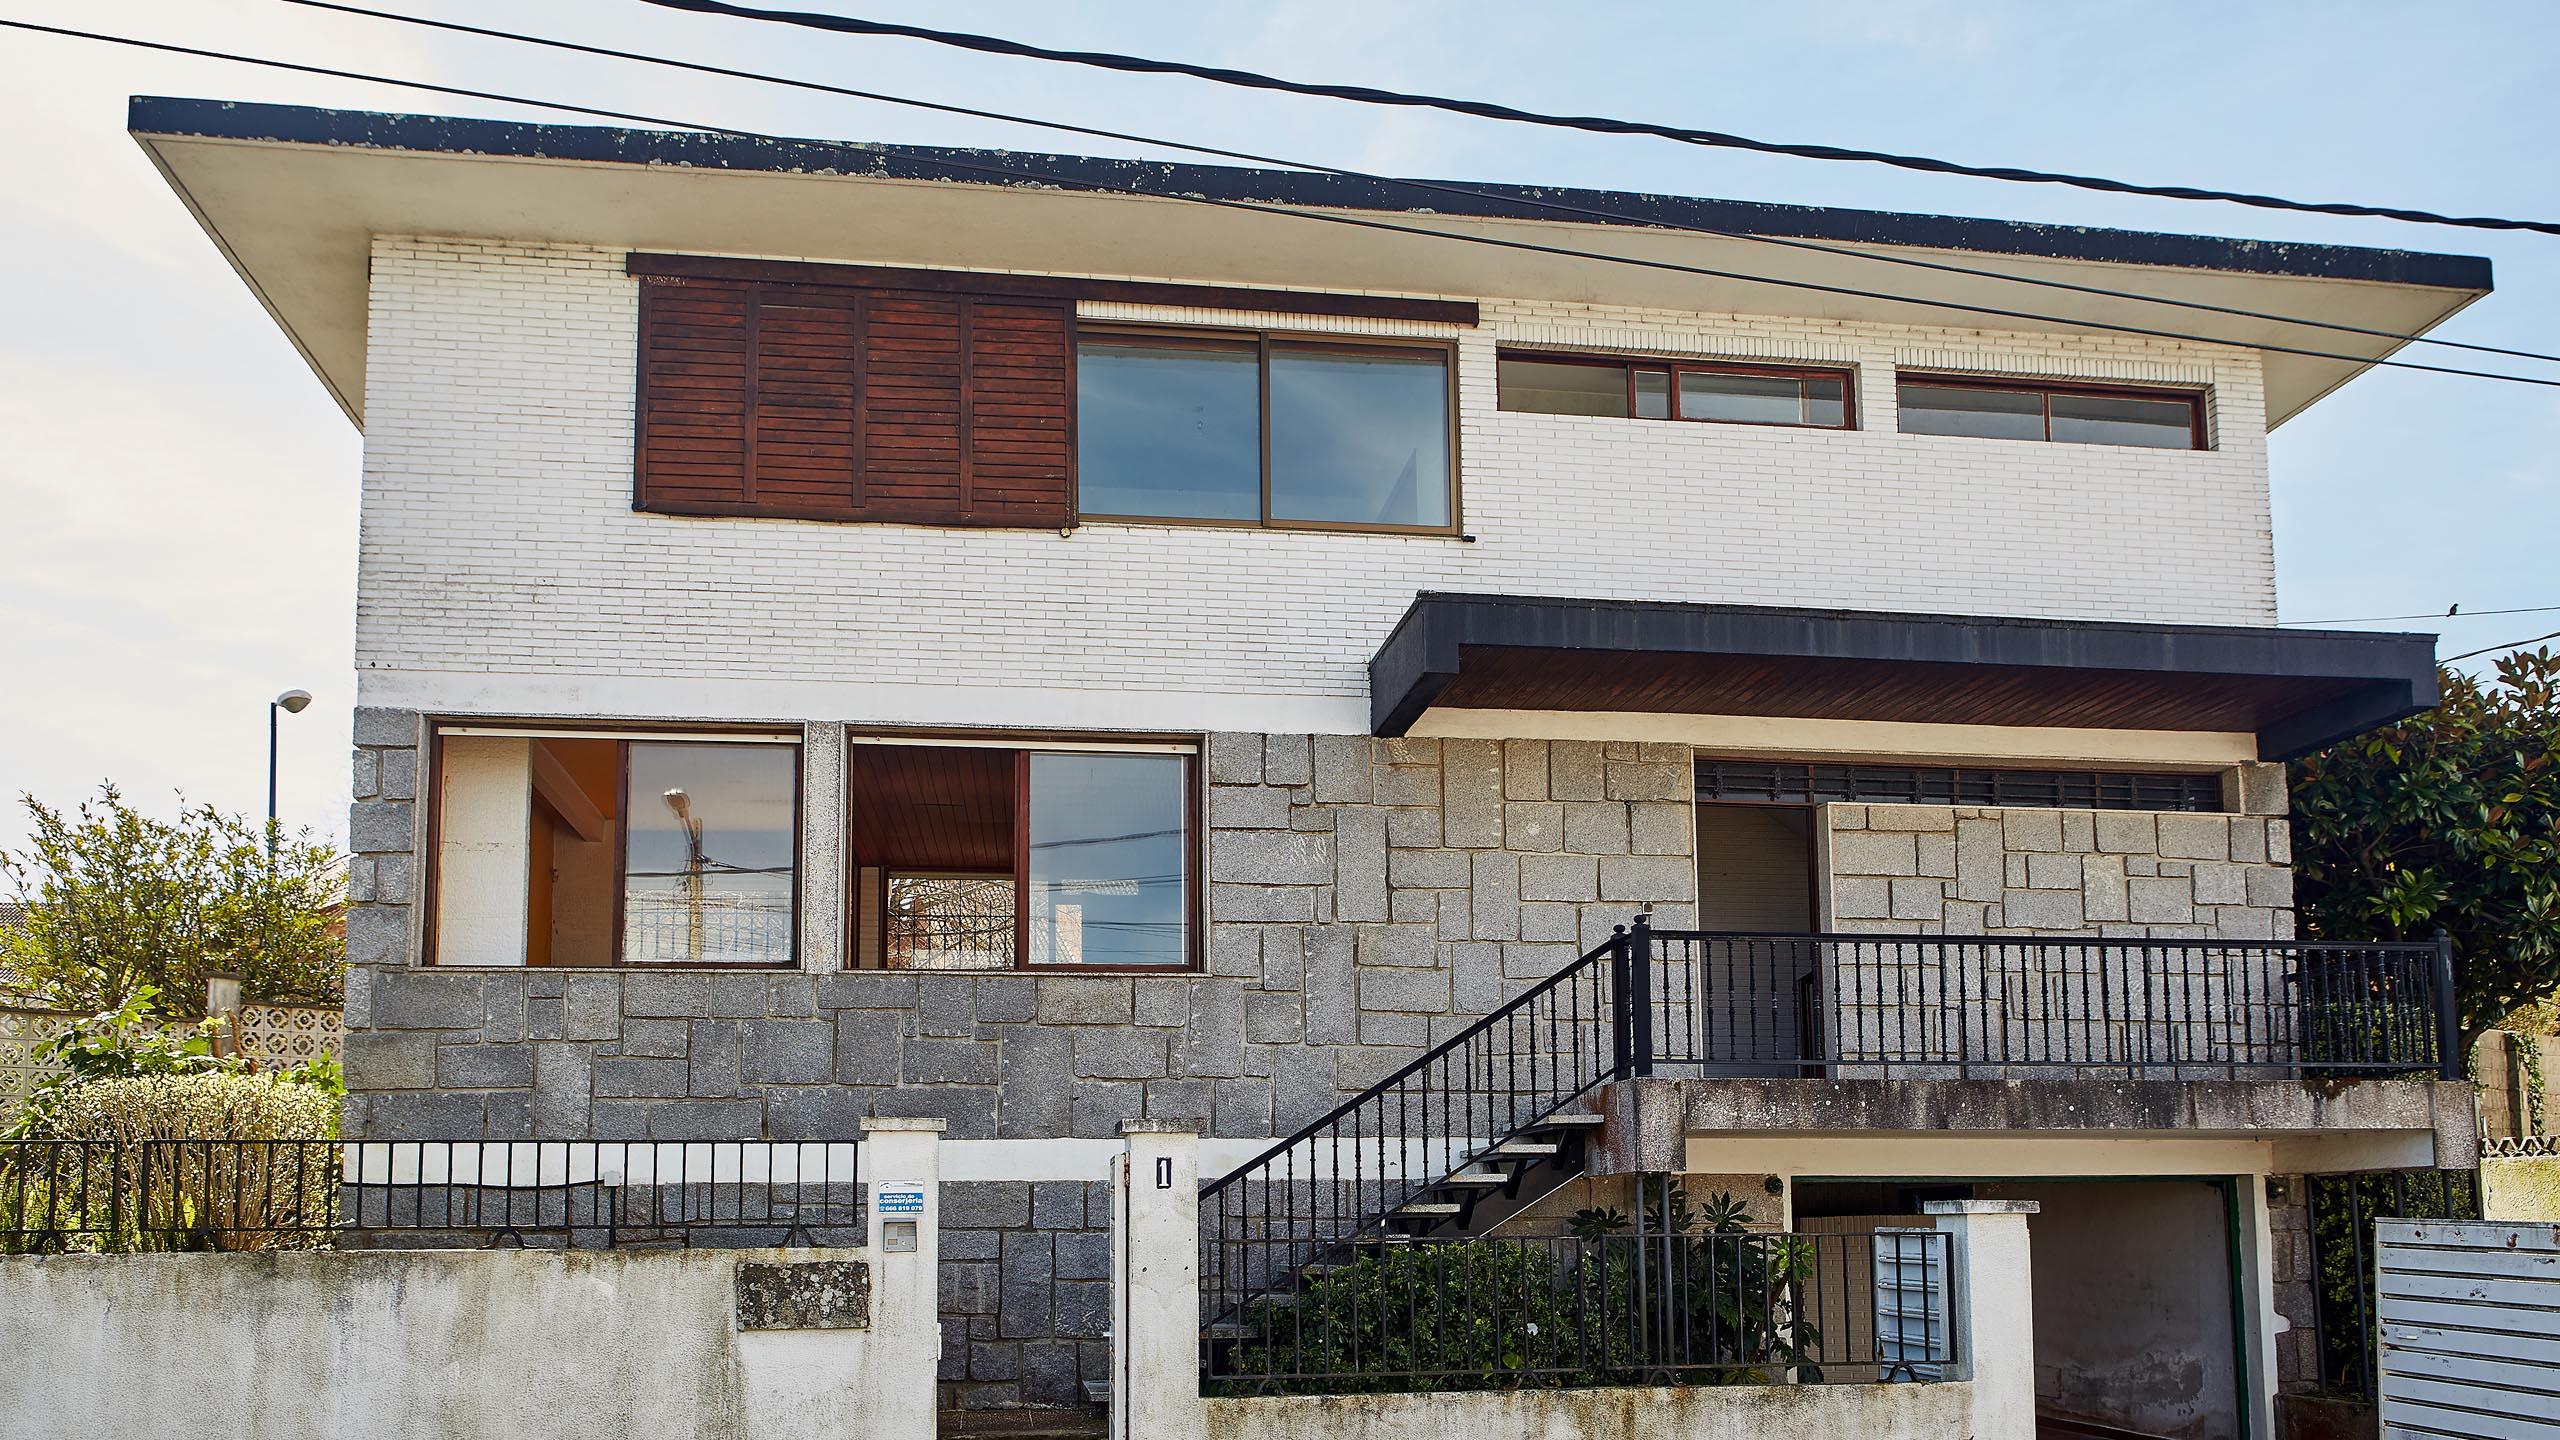 Casa para rehabilitar en canido nique for Rehabilitar casa